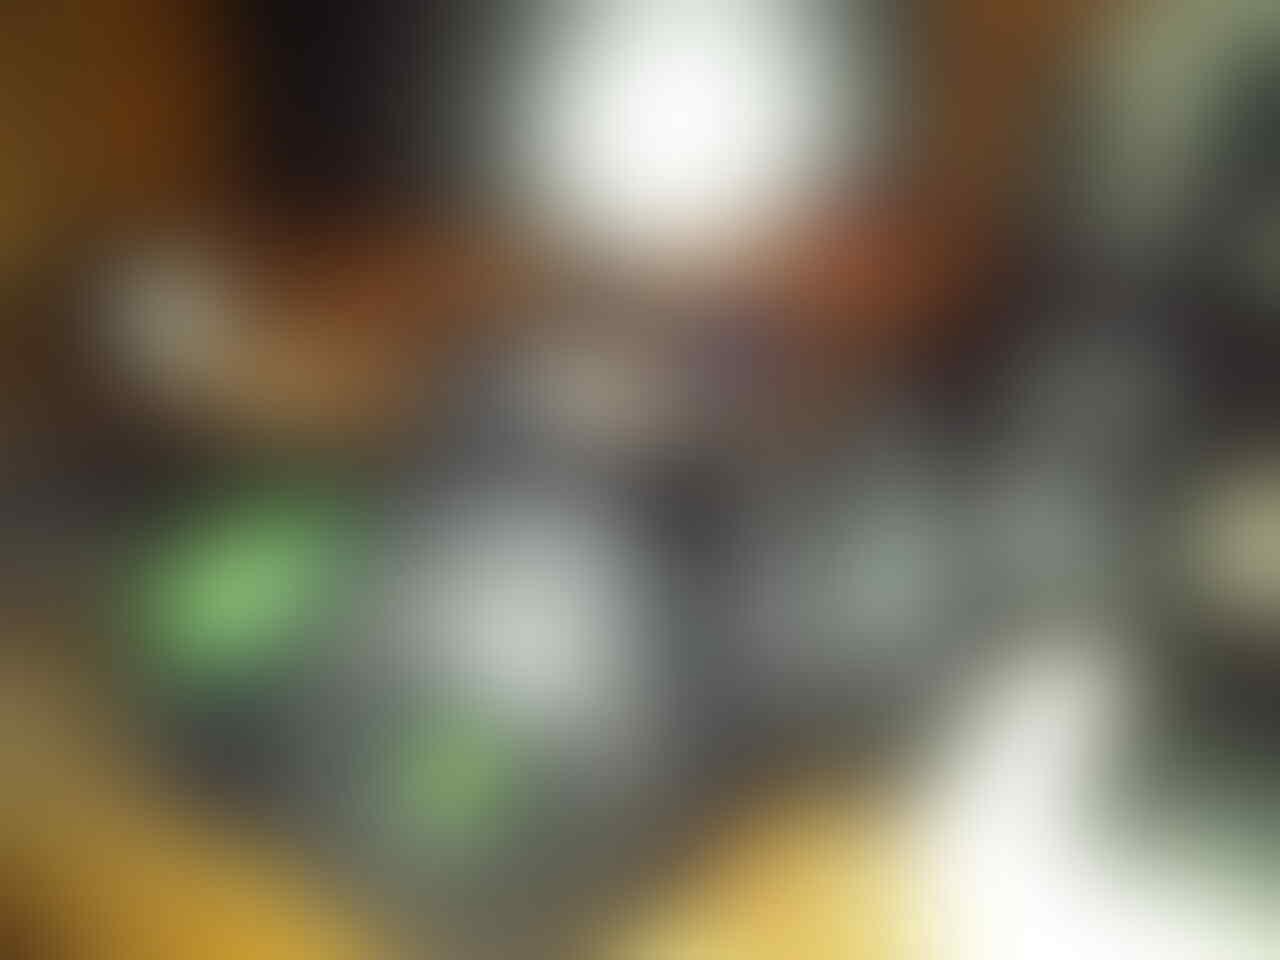 WTS> Razer Kraken Pro Black + Steelseries Diablo III